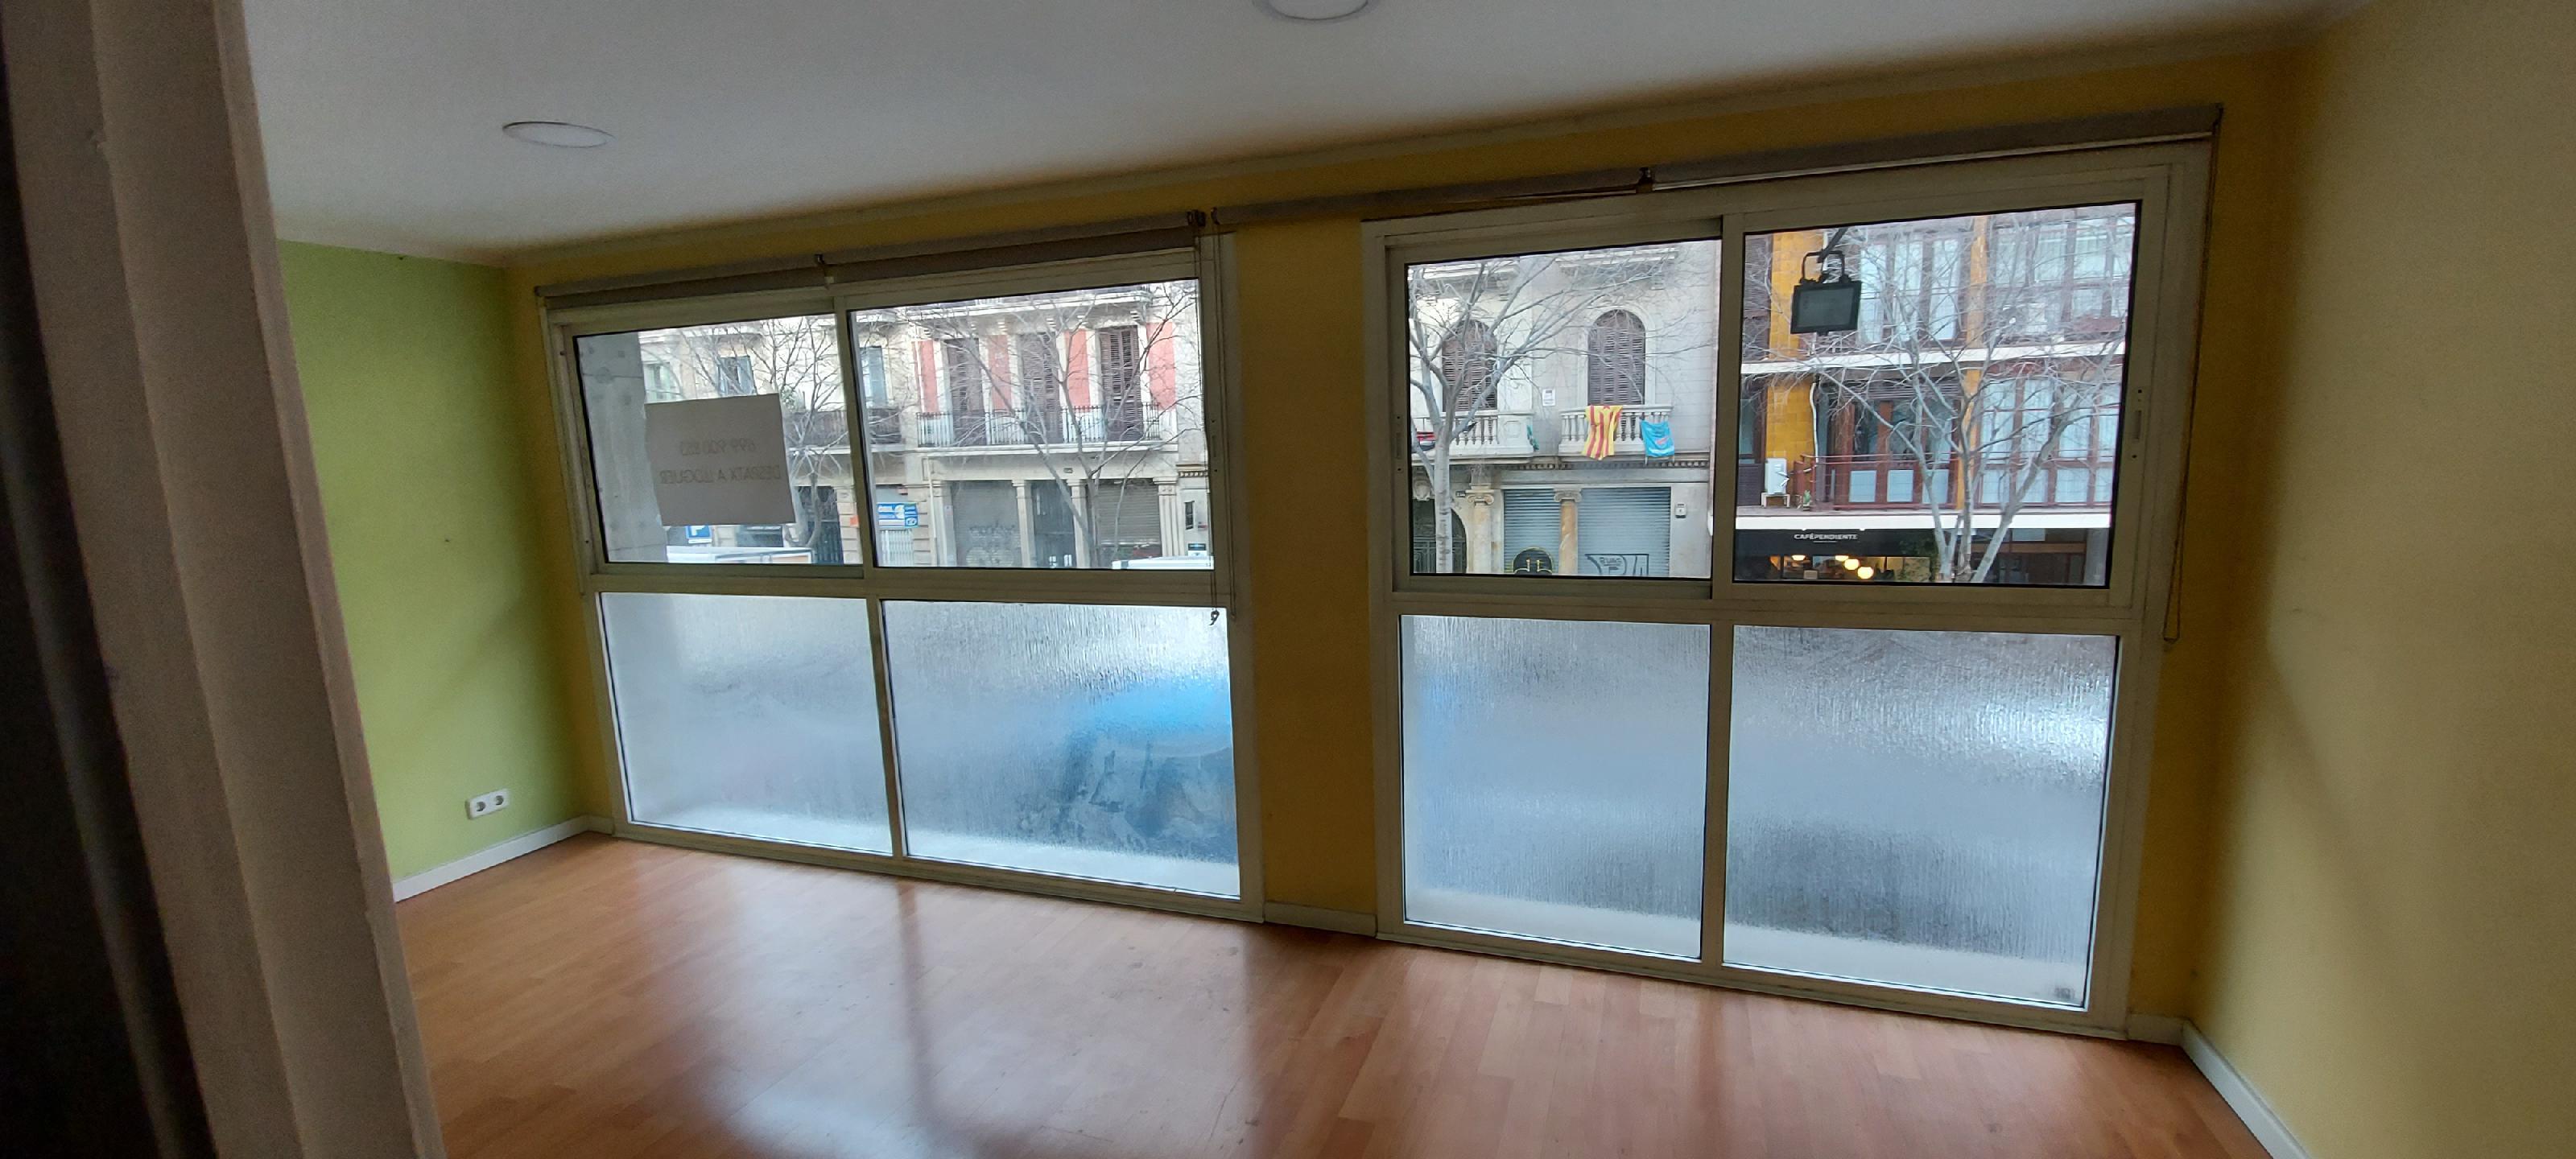 Imagen 1 Oficina Comercial en alquiler en Barcelona / Rosselló, entre Aribau i Muntaner